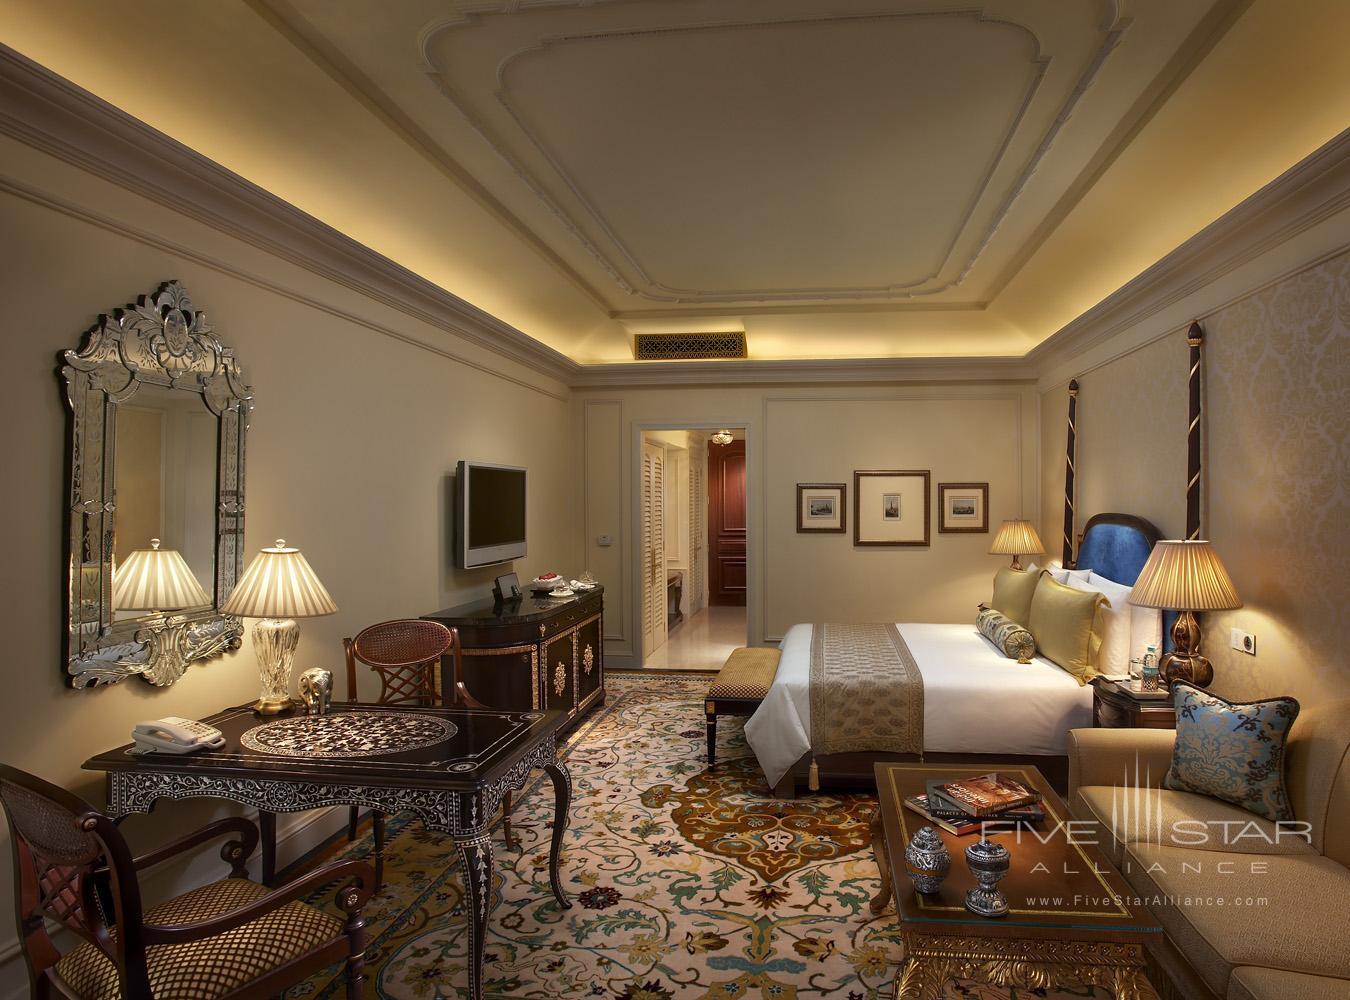 Royal Club Room at Leela Palace New Delhi